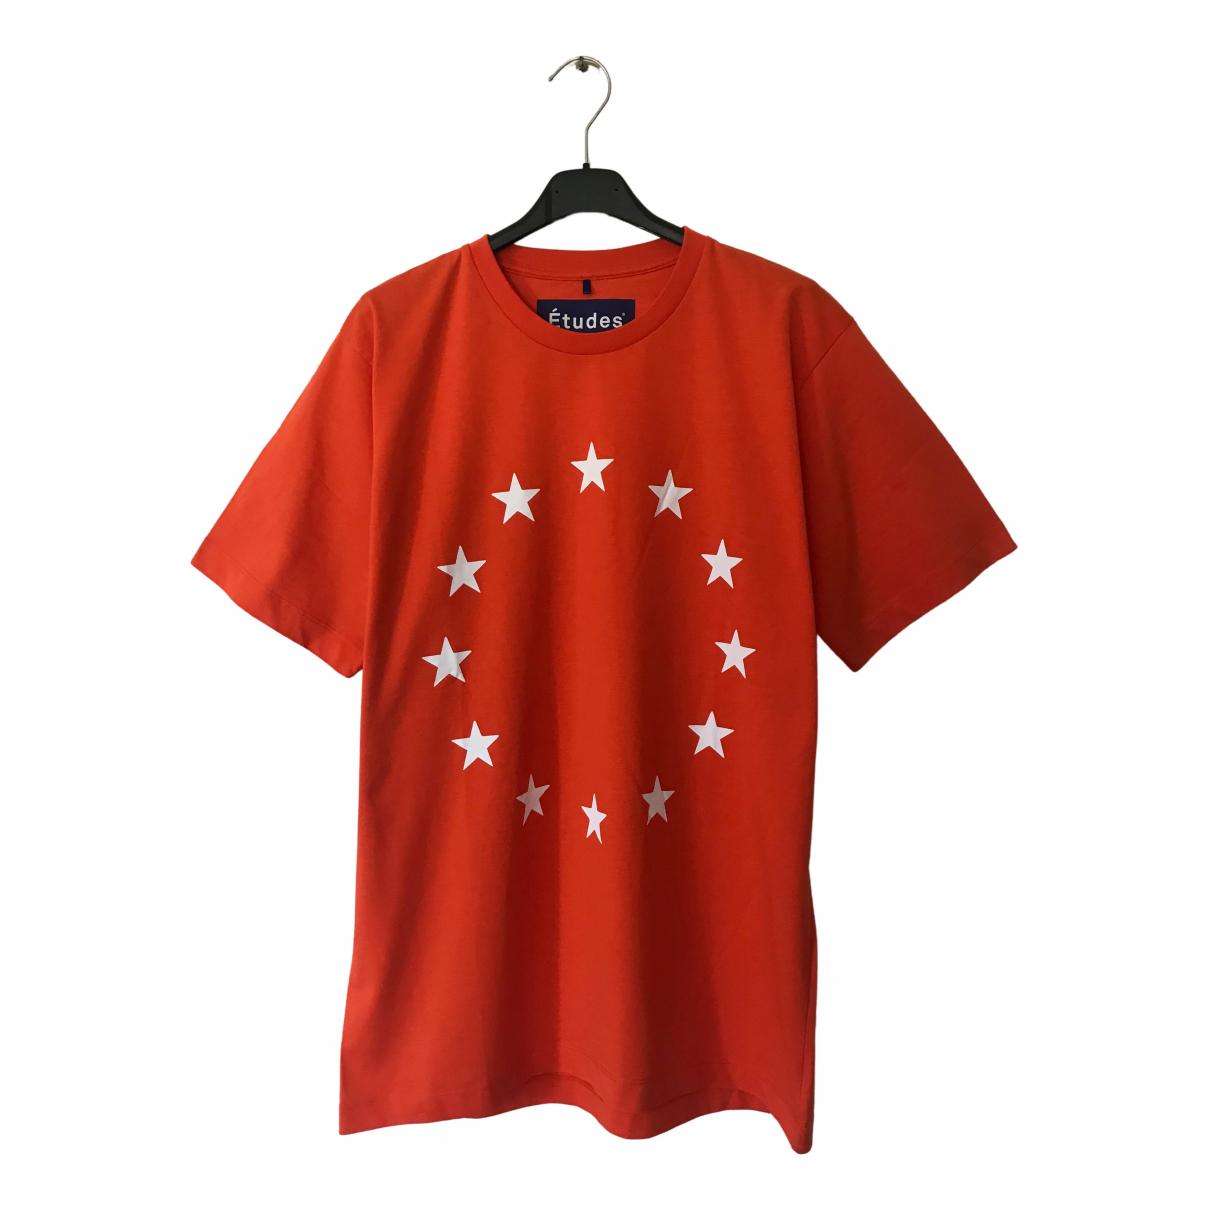 Etudes Studio - Tee shirts   pour homme en coton - orange